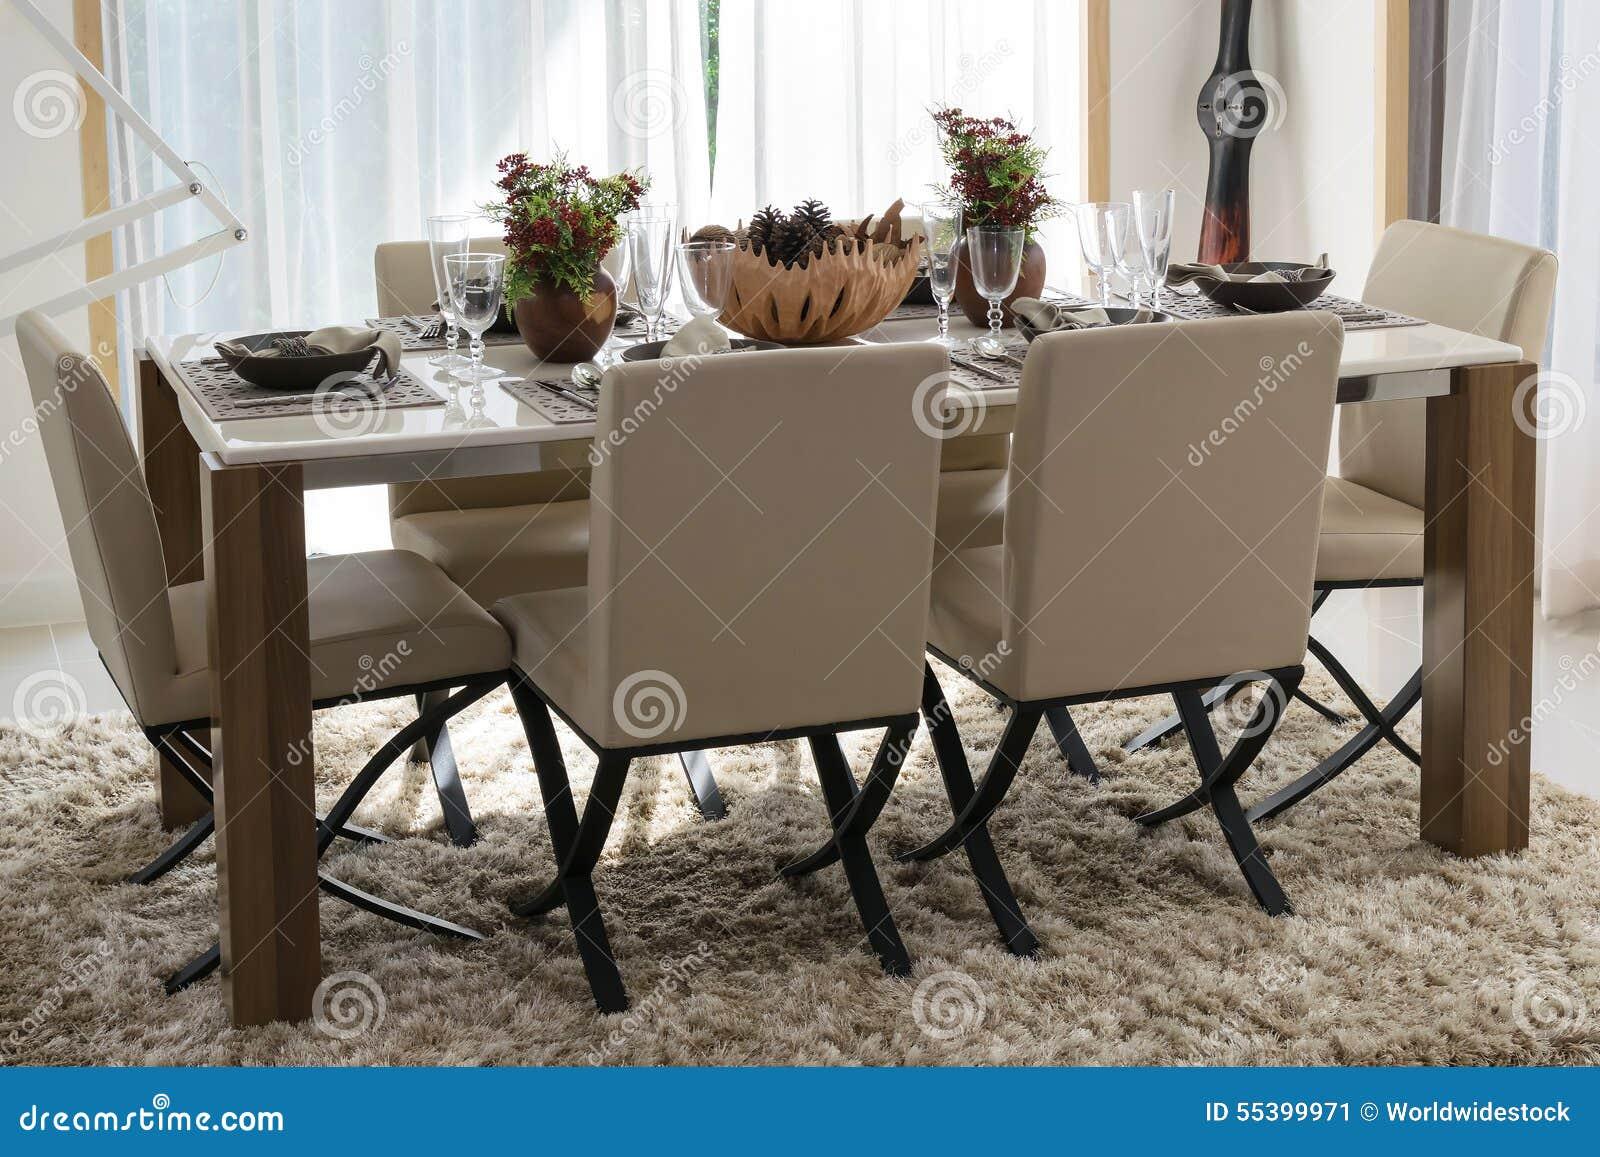 Table de salle manger et chaises confortables dans la for But table et chaise de salle a manger